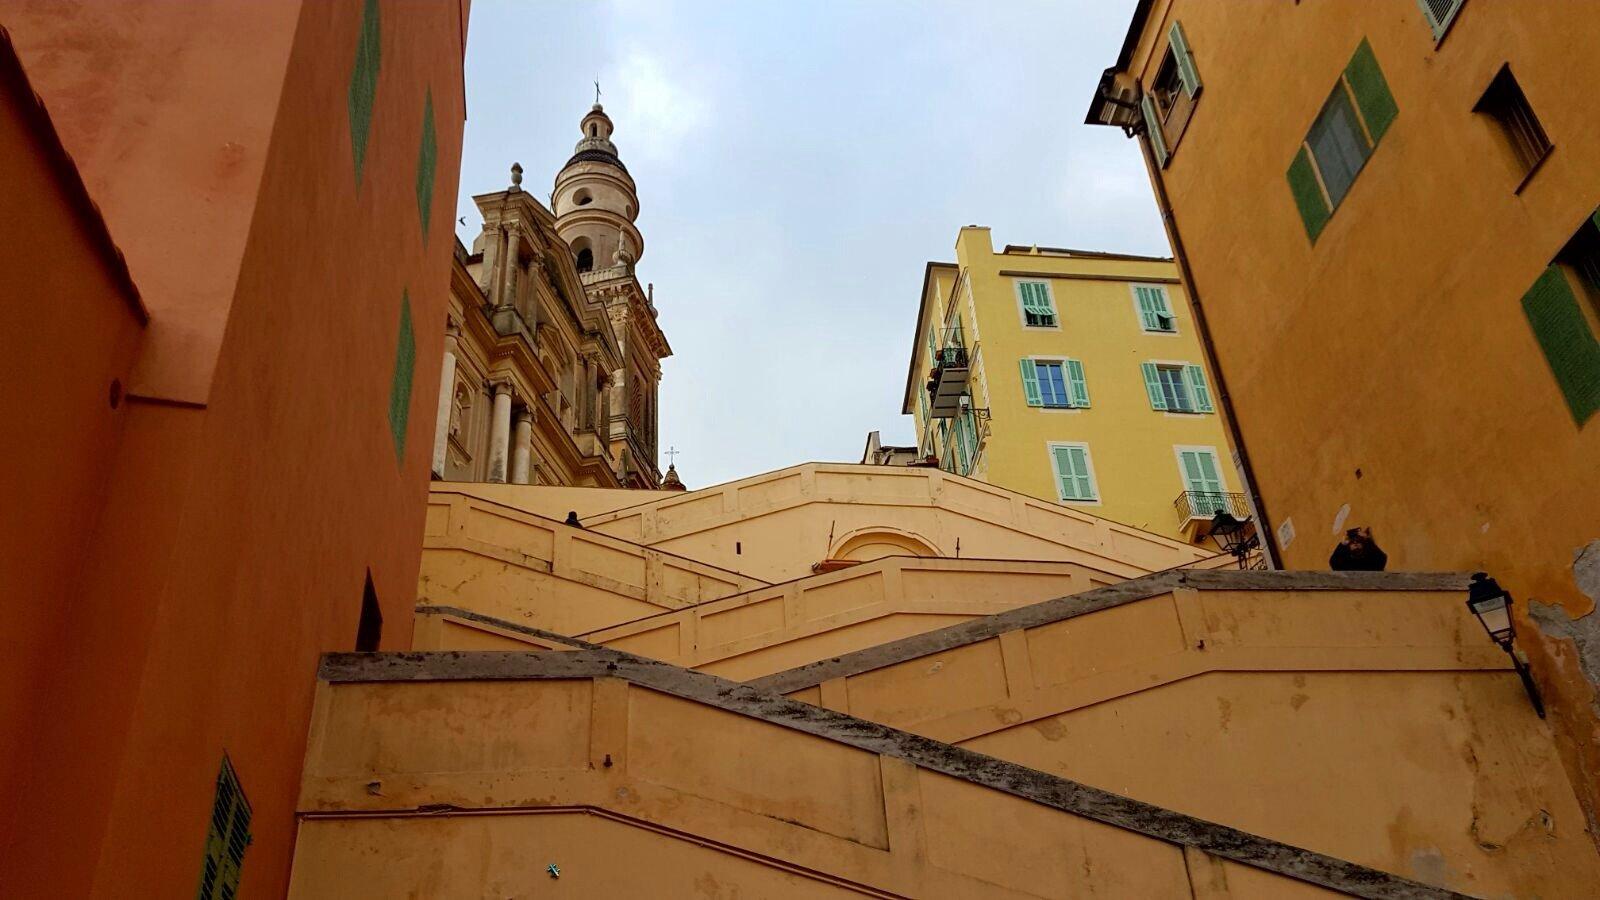 Ментон — цитрусовый рай или французско-итальянский коктейль. Монако